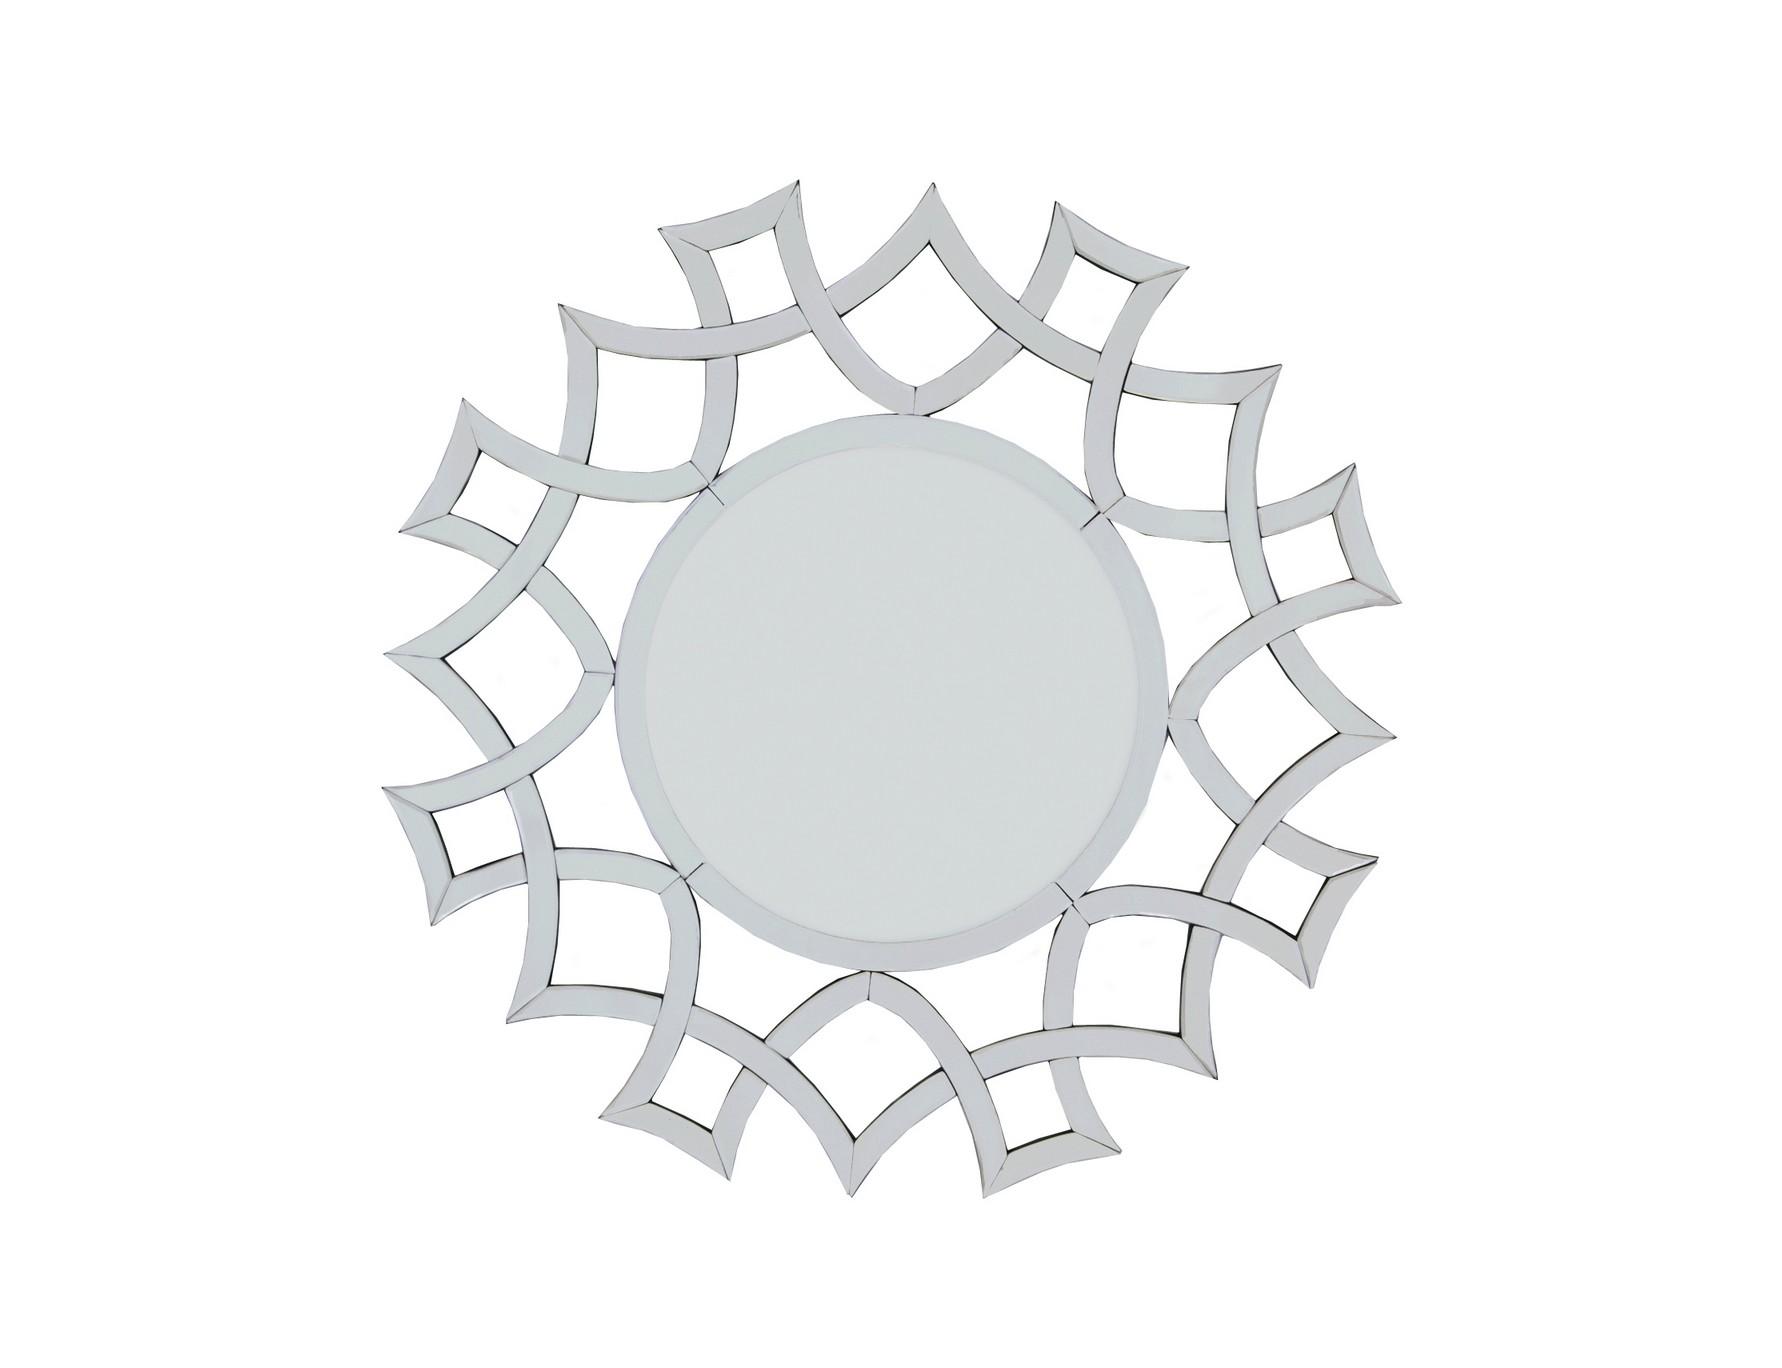 Зеркало DemetriaНастенные зеркала<br>Материалы: МДФ, стекло<br><br>Material: МДФ<br>Width см: 100<br>Depth см: 1,9<br>Height см: 100